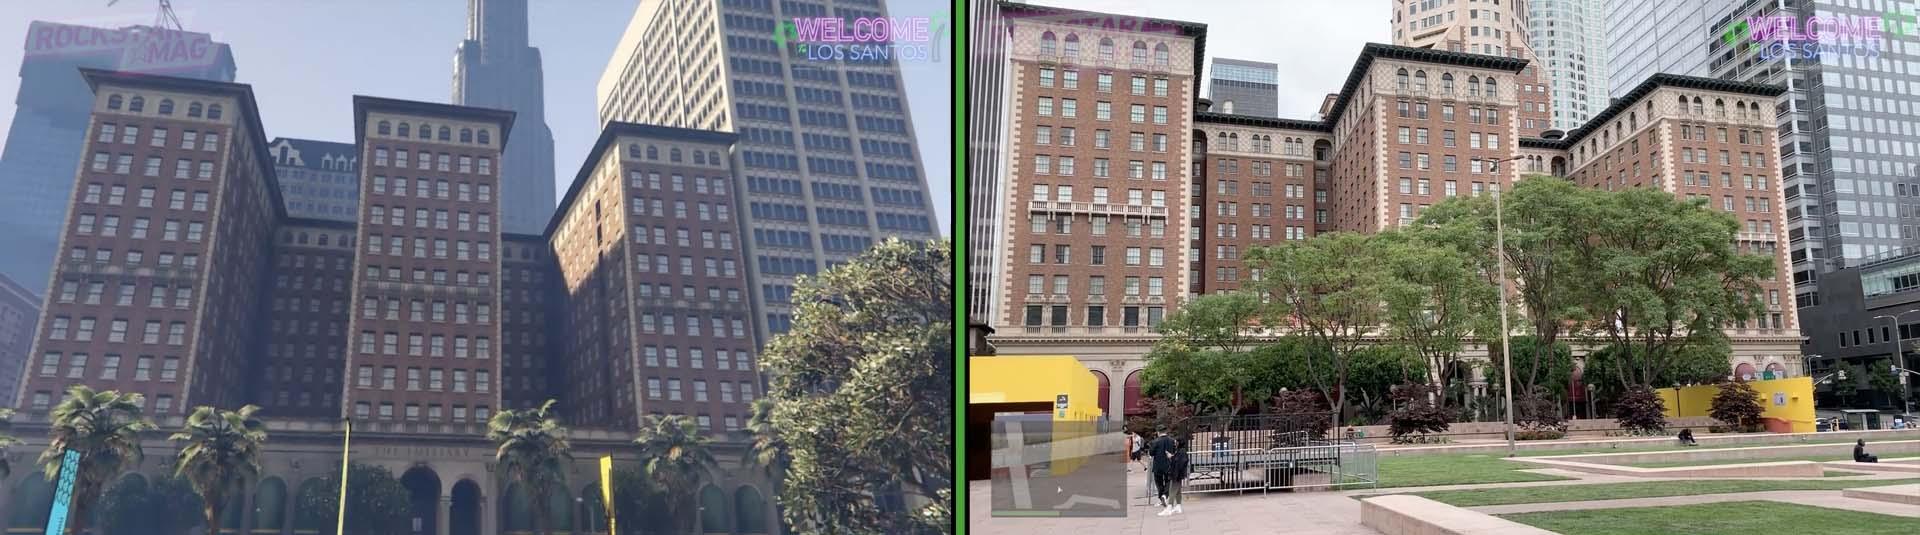 Downtown 03 : Bibliothèque Los Santos